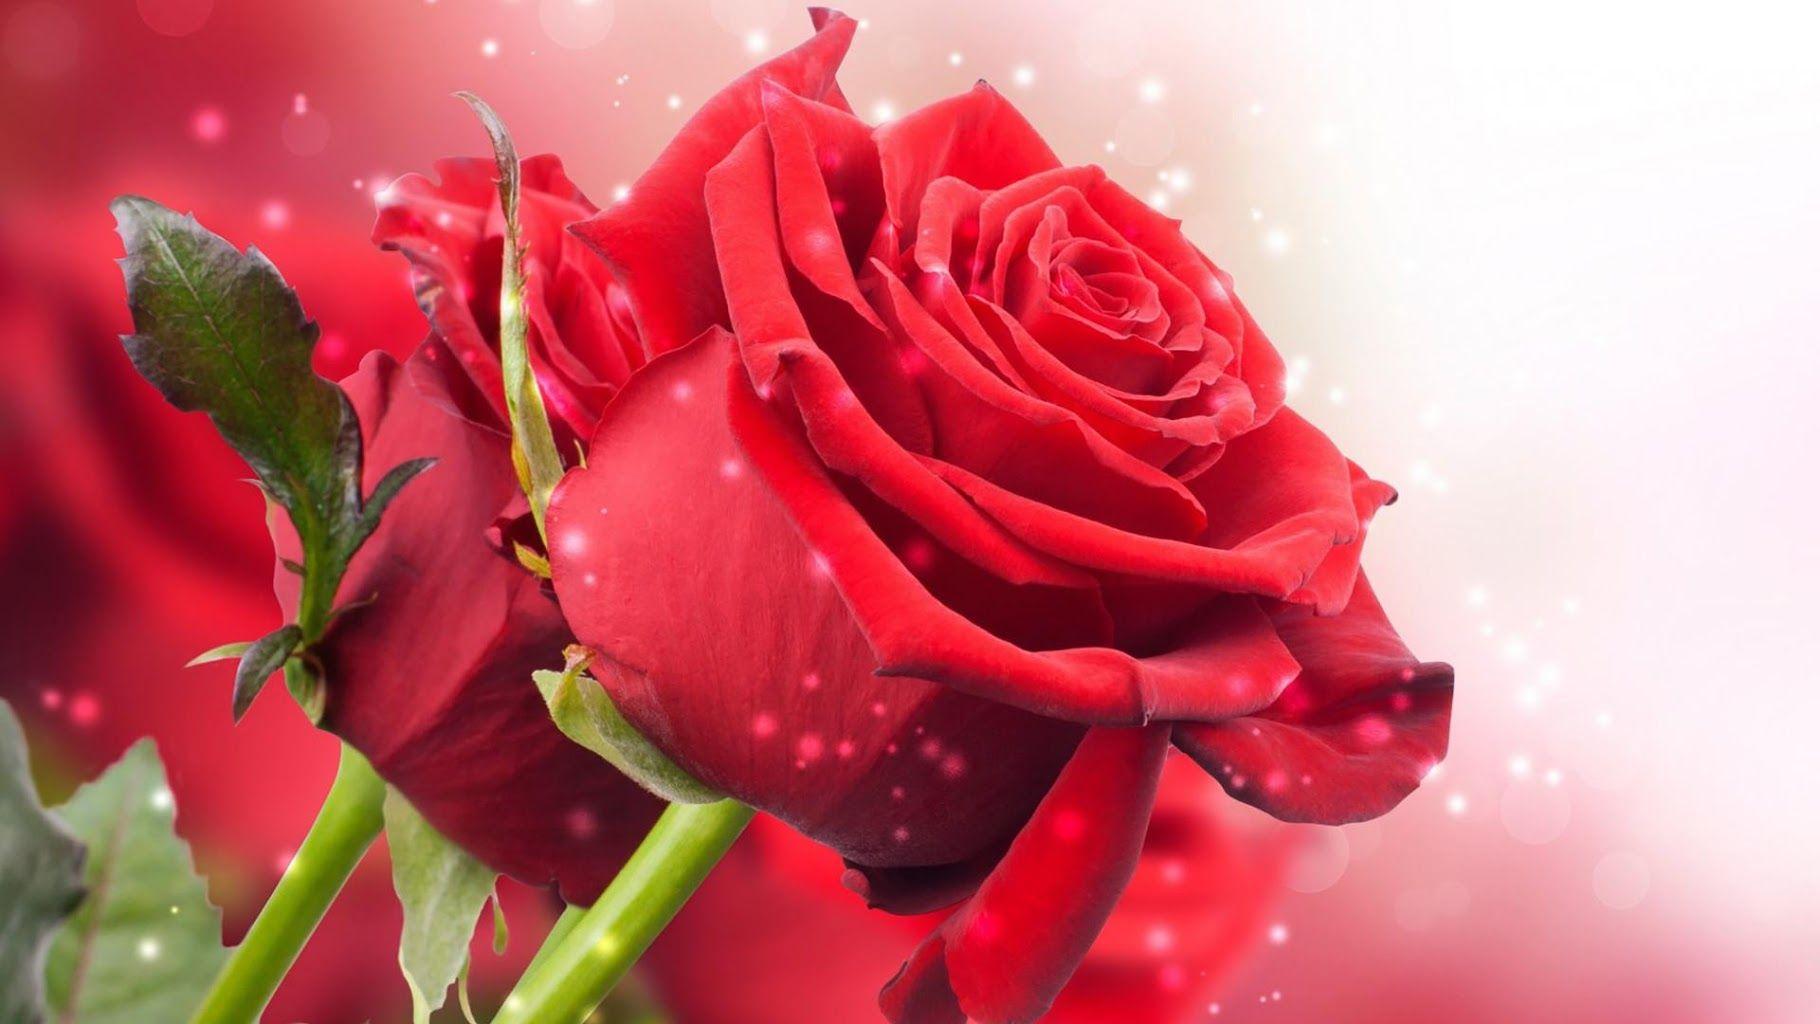 Pics For Gt Mawar Merah Wallpaper Mawar Mawar Merah Bunga